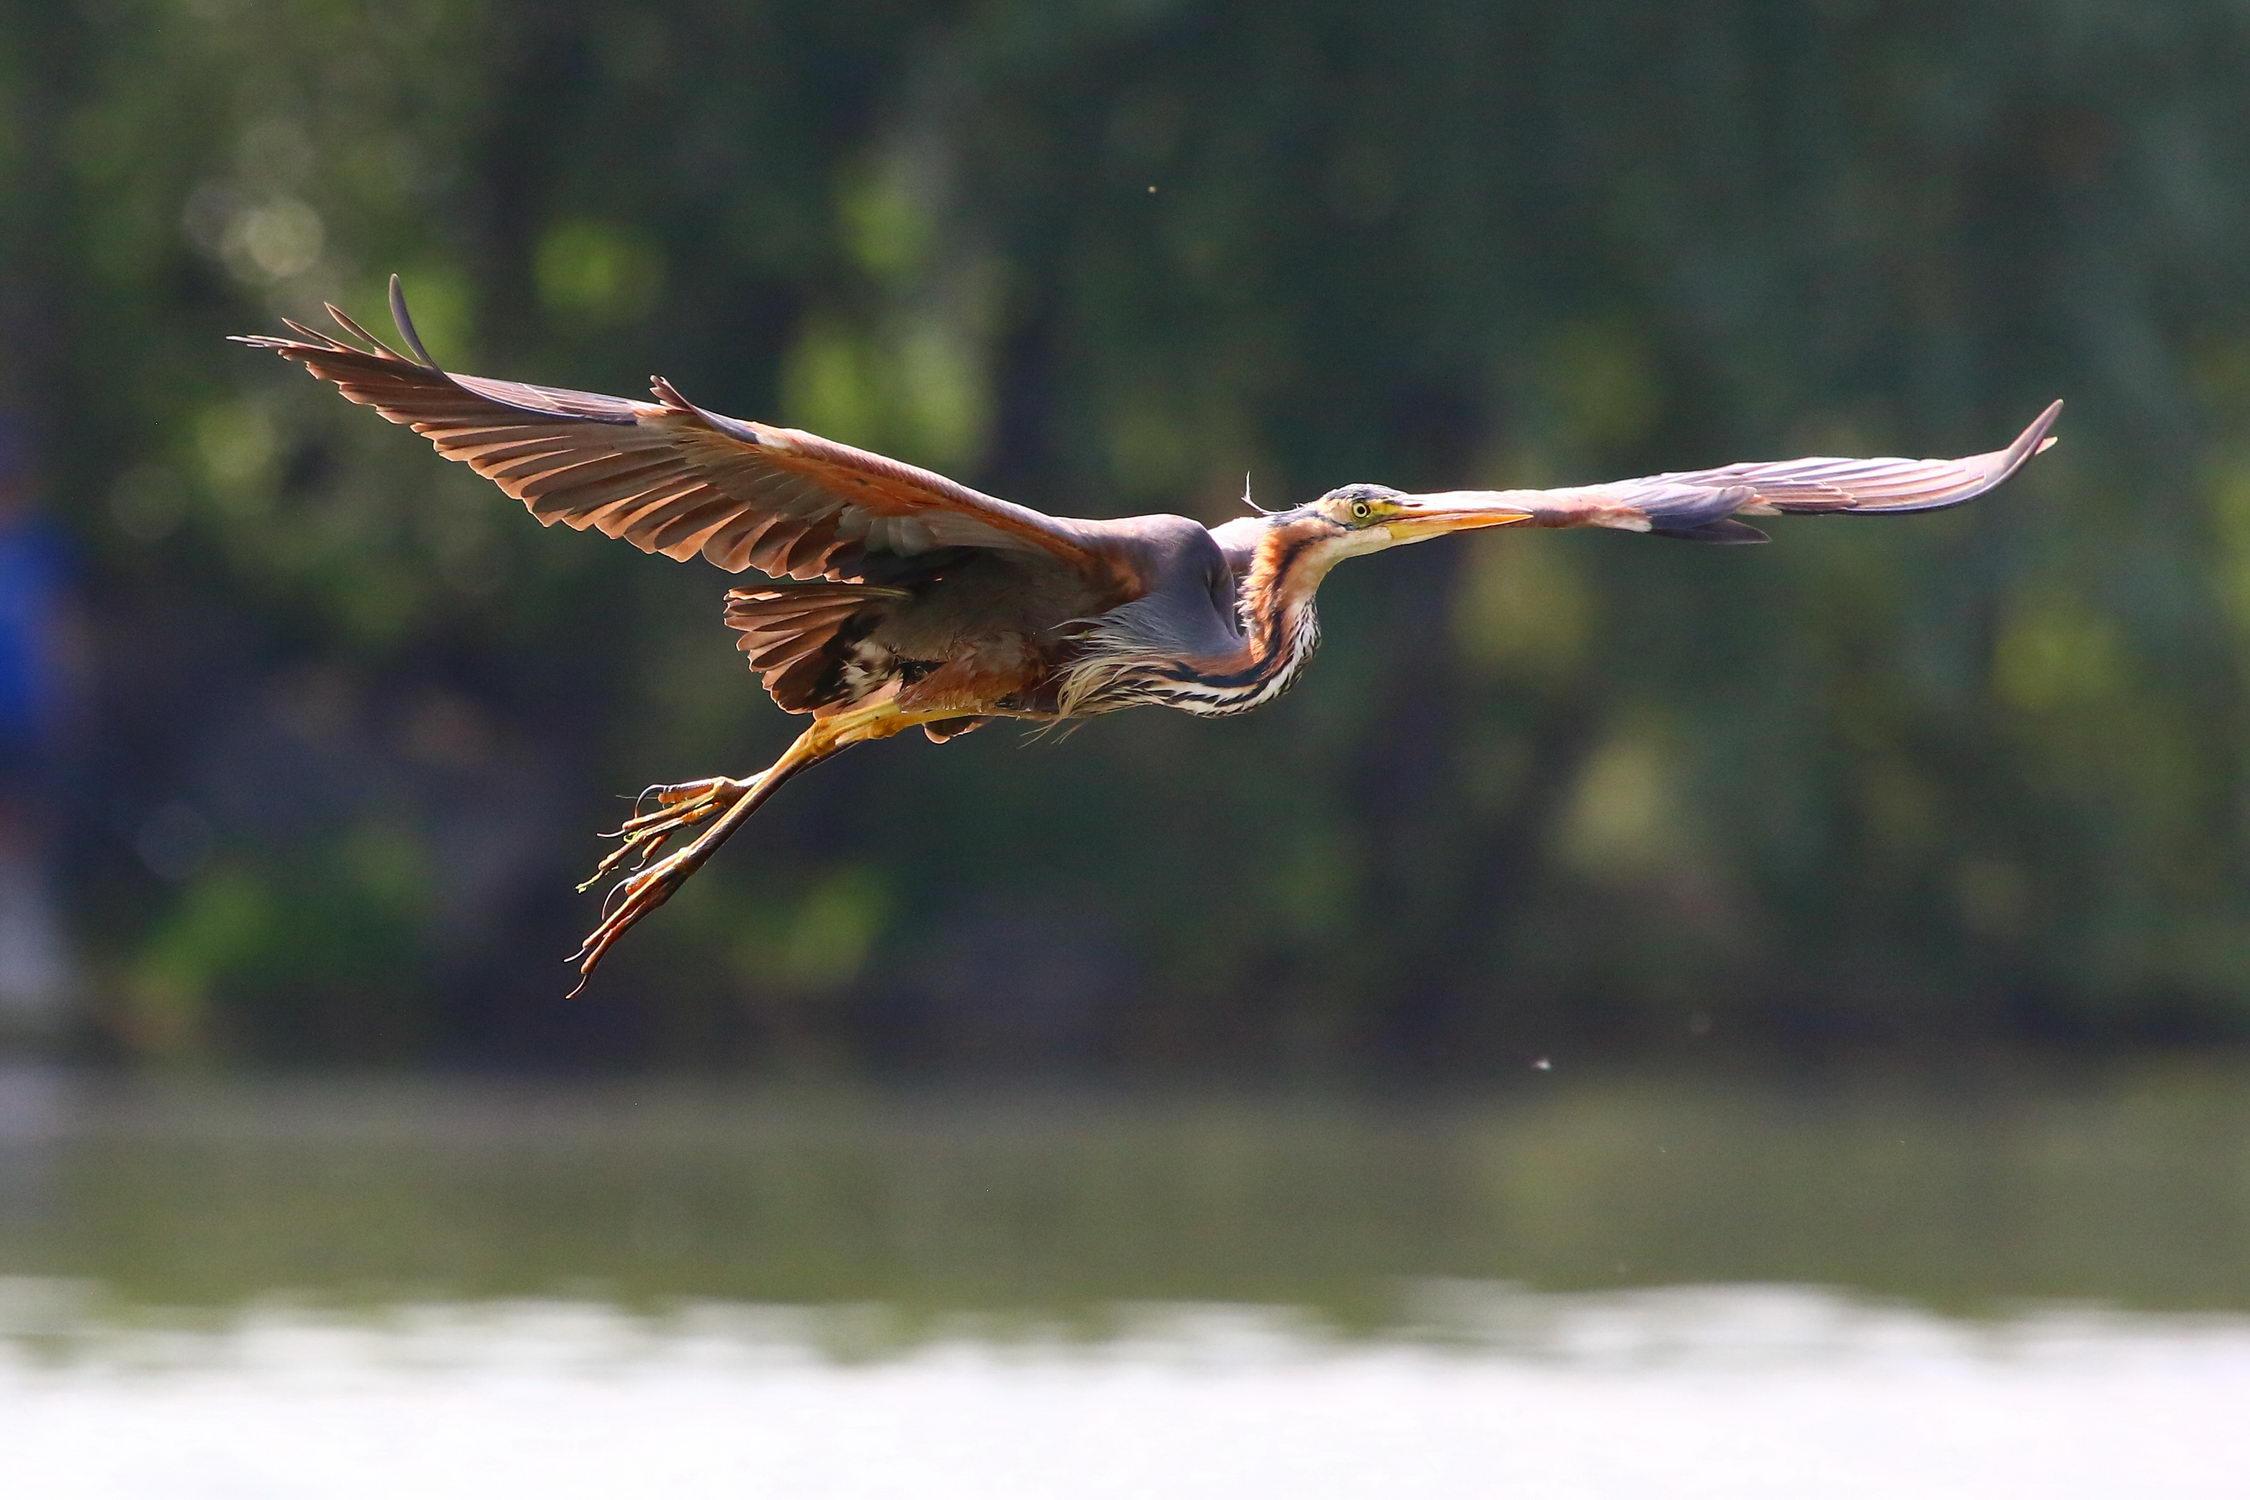 5 мест в Днепре, где лучше всего наблюдать за птицами - 11 зображення